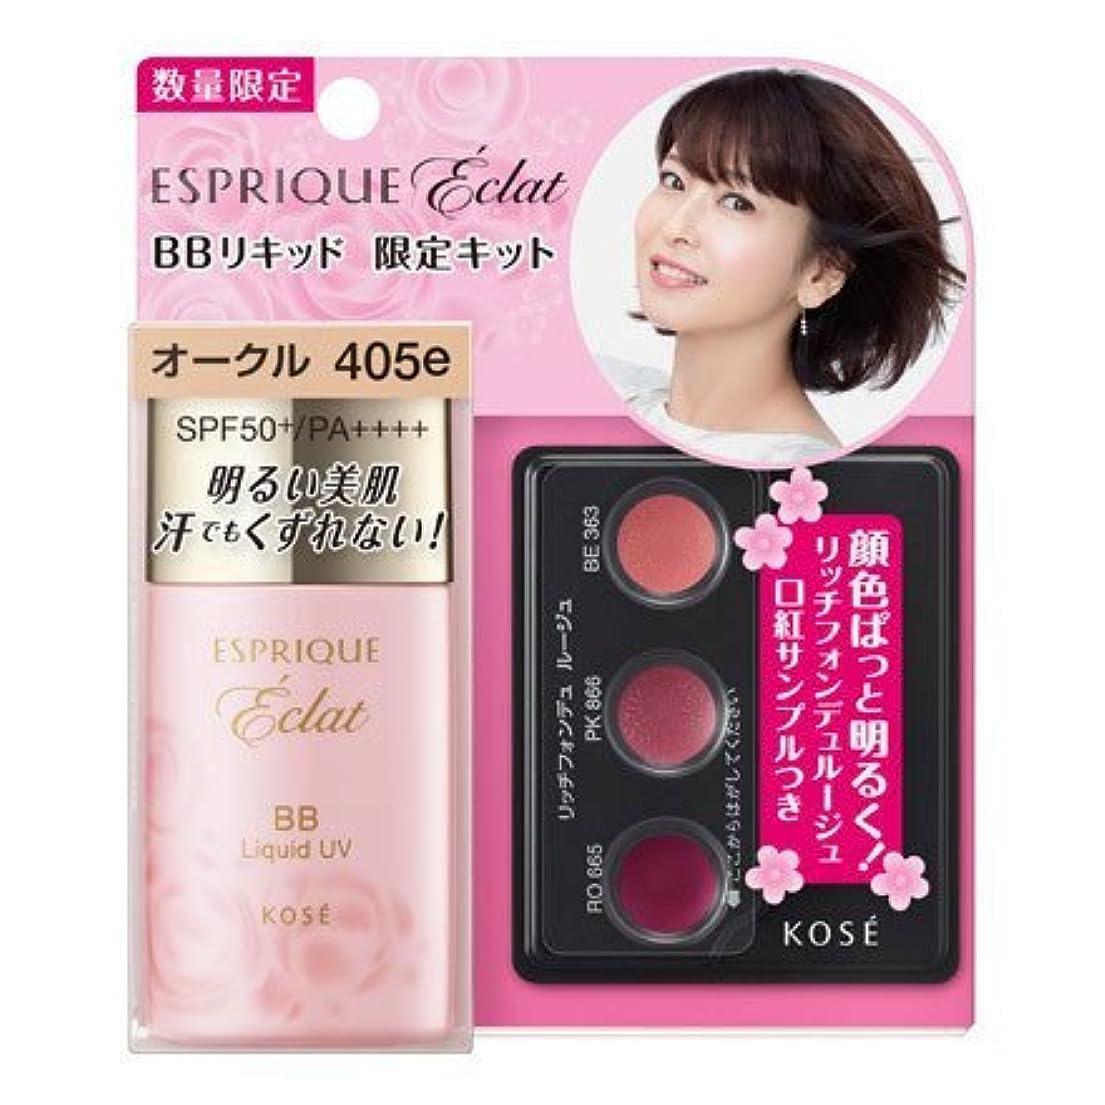 化粧レシピ明確にエスプリーク エクラ 明るさ持続 BBリキッド UV 限定キット オークル 405e